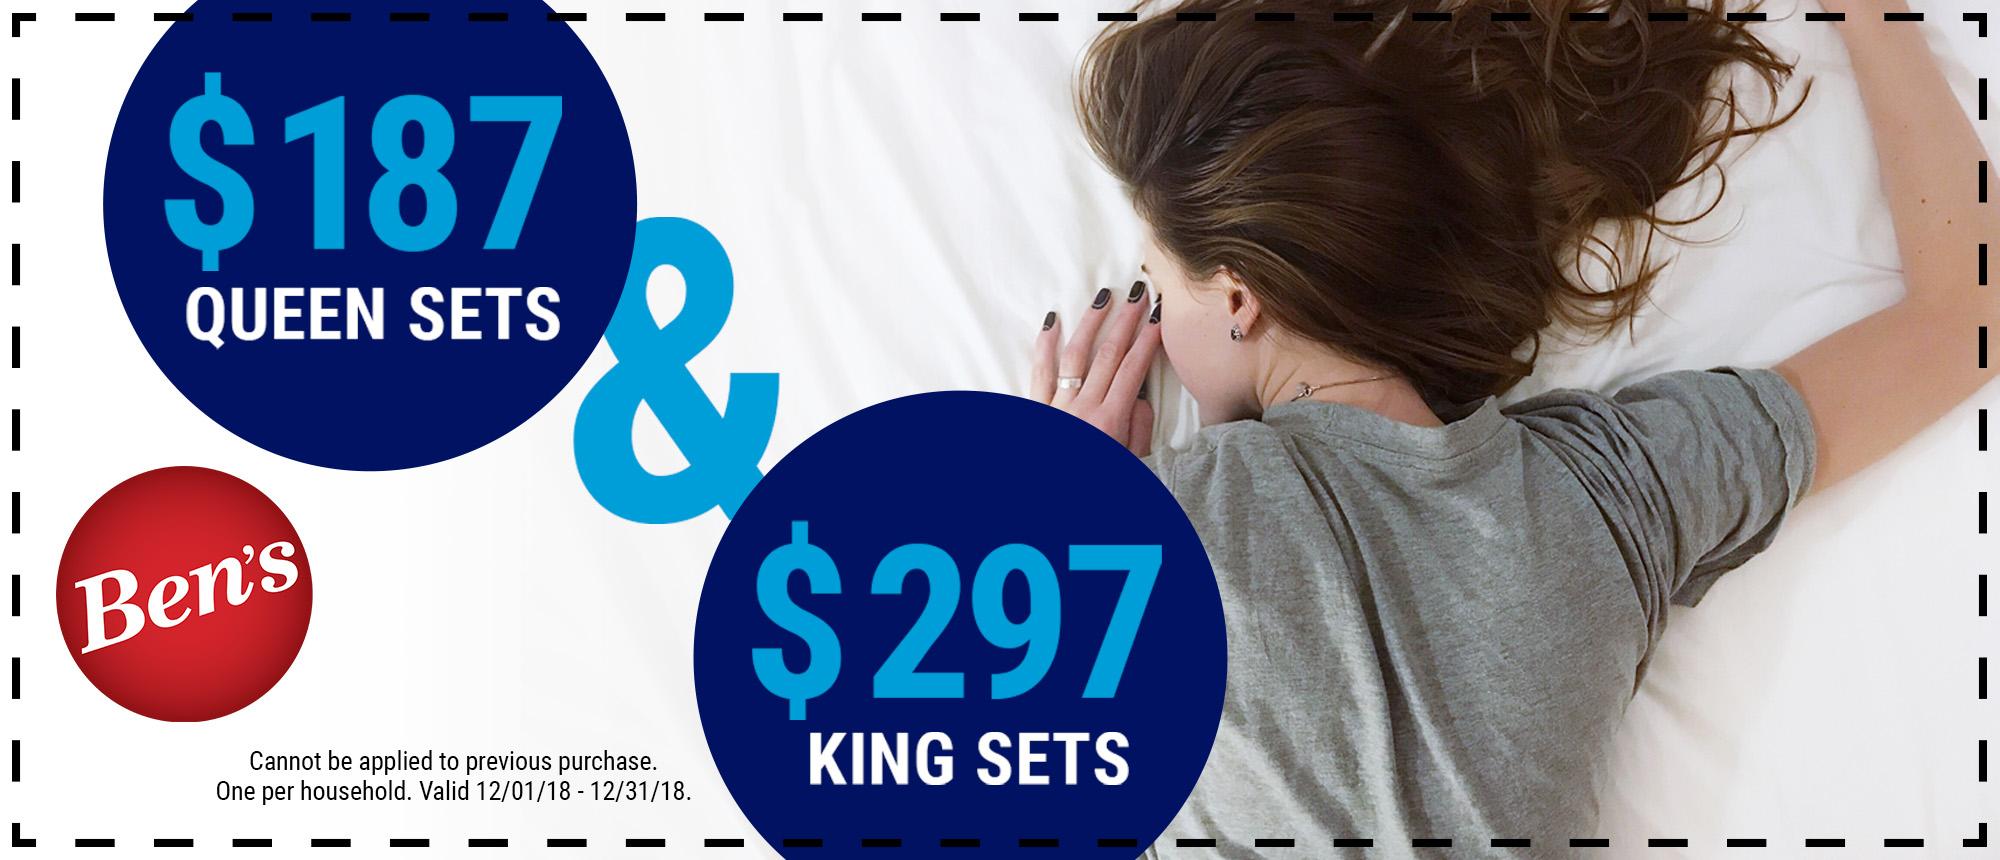 $187 Queen & $297 King _ Website (1)